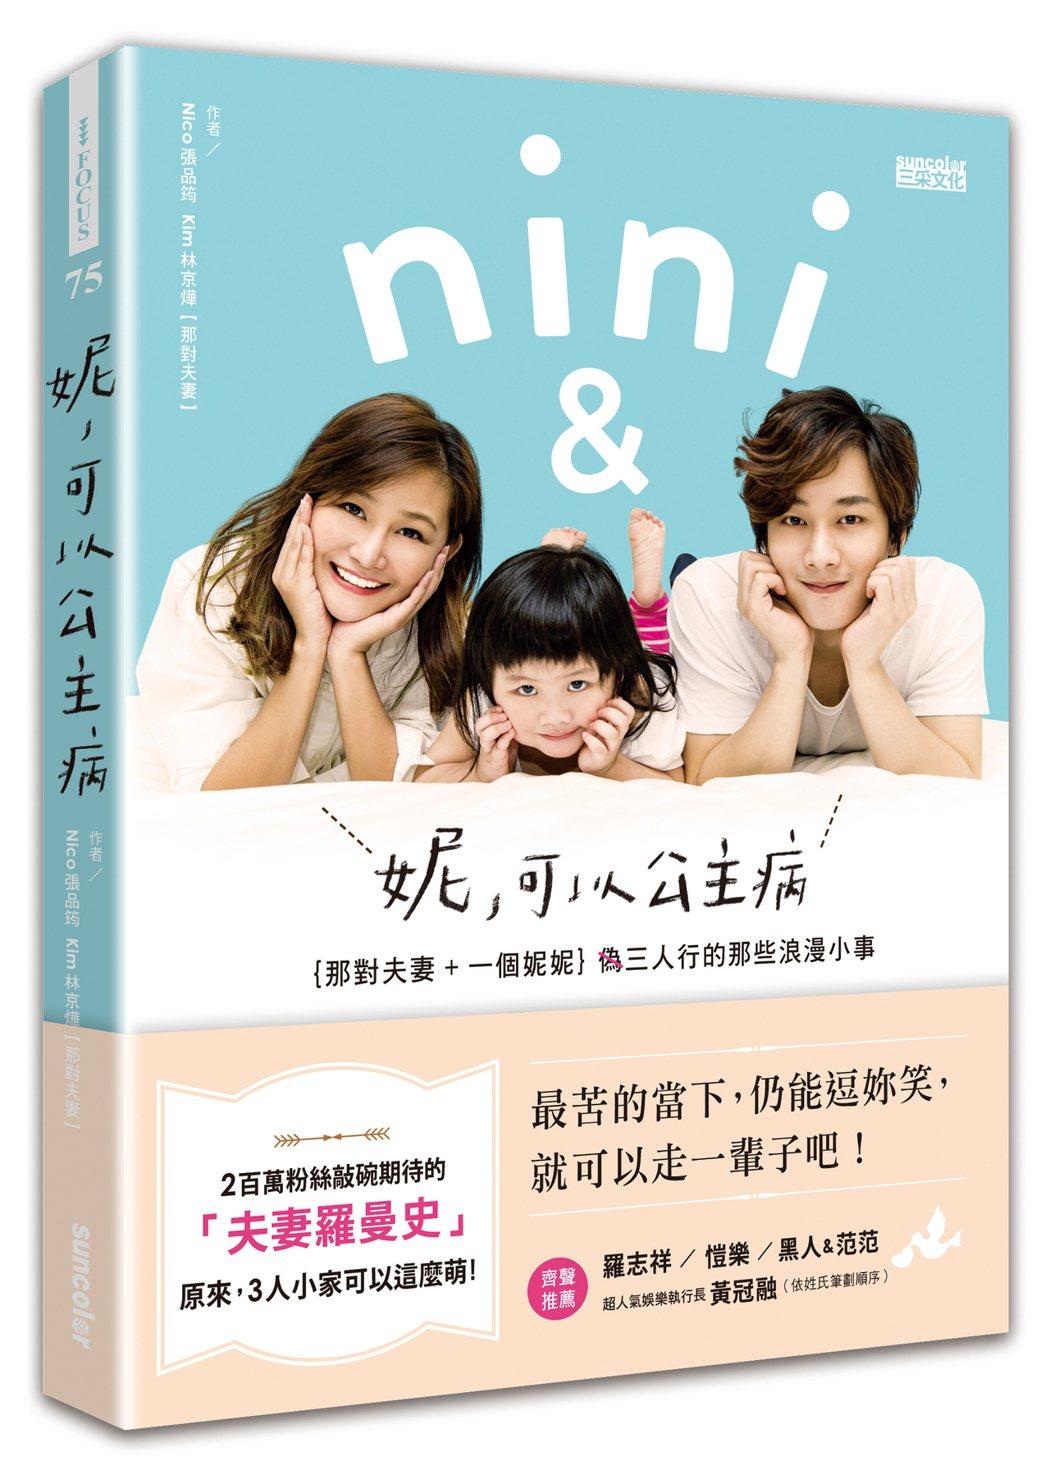 那對夫妻推出新書「妮,可以公主病」平裝版銷售近萬本。圖/超人氣娛樂提供